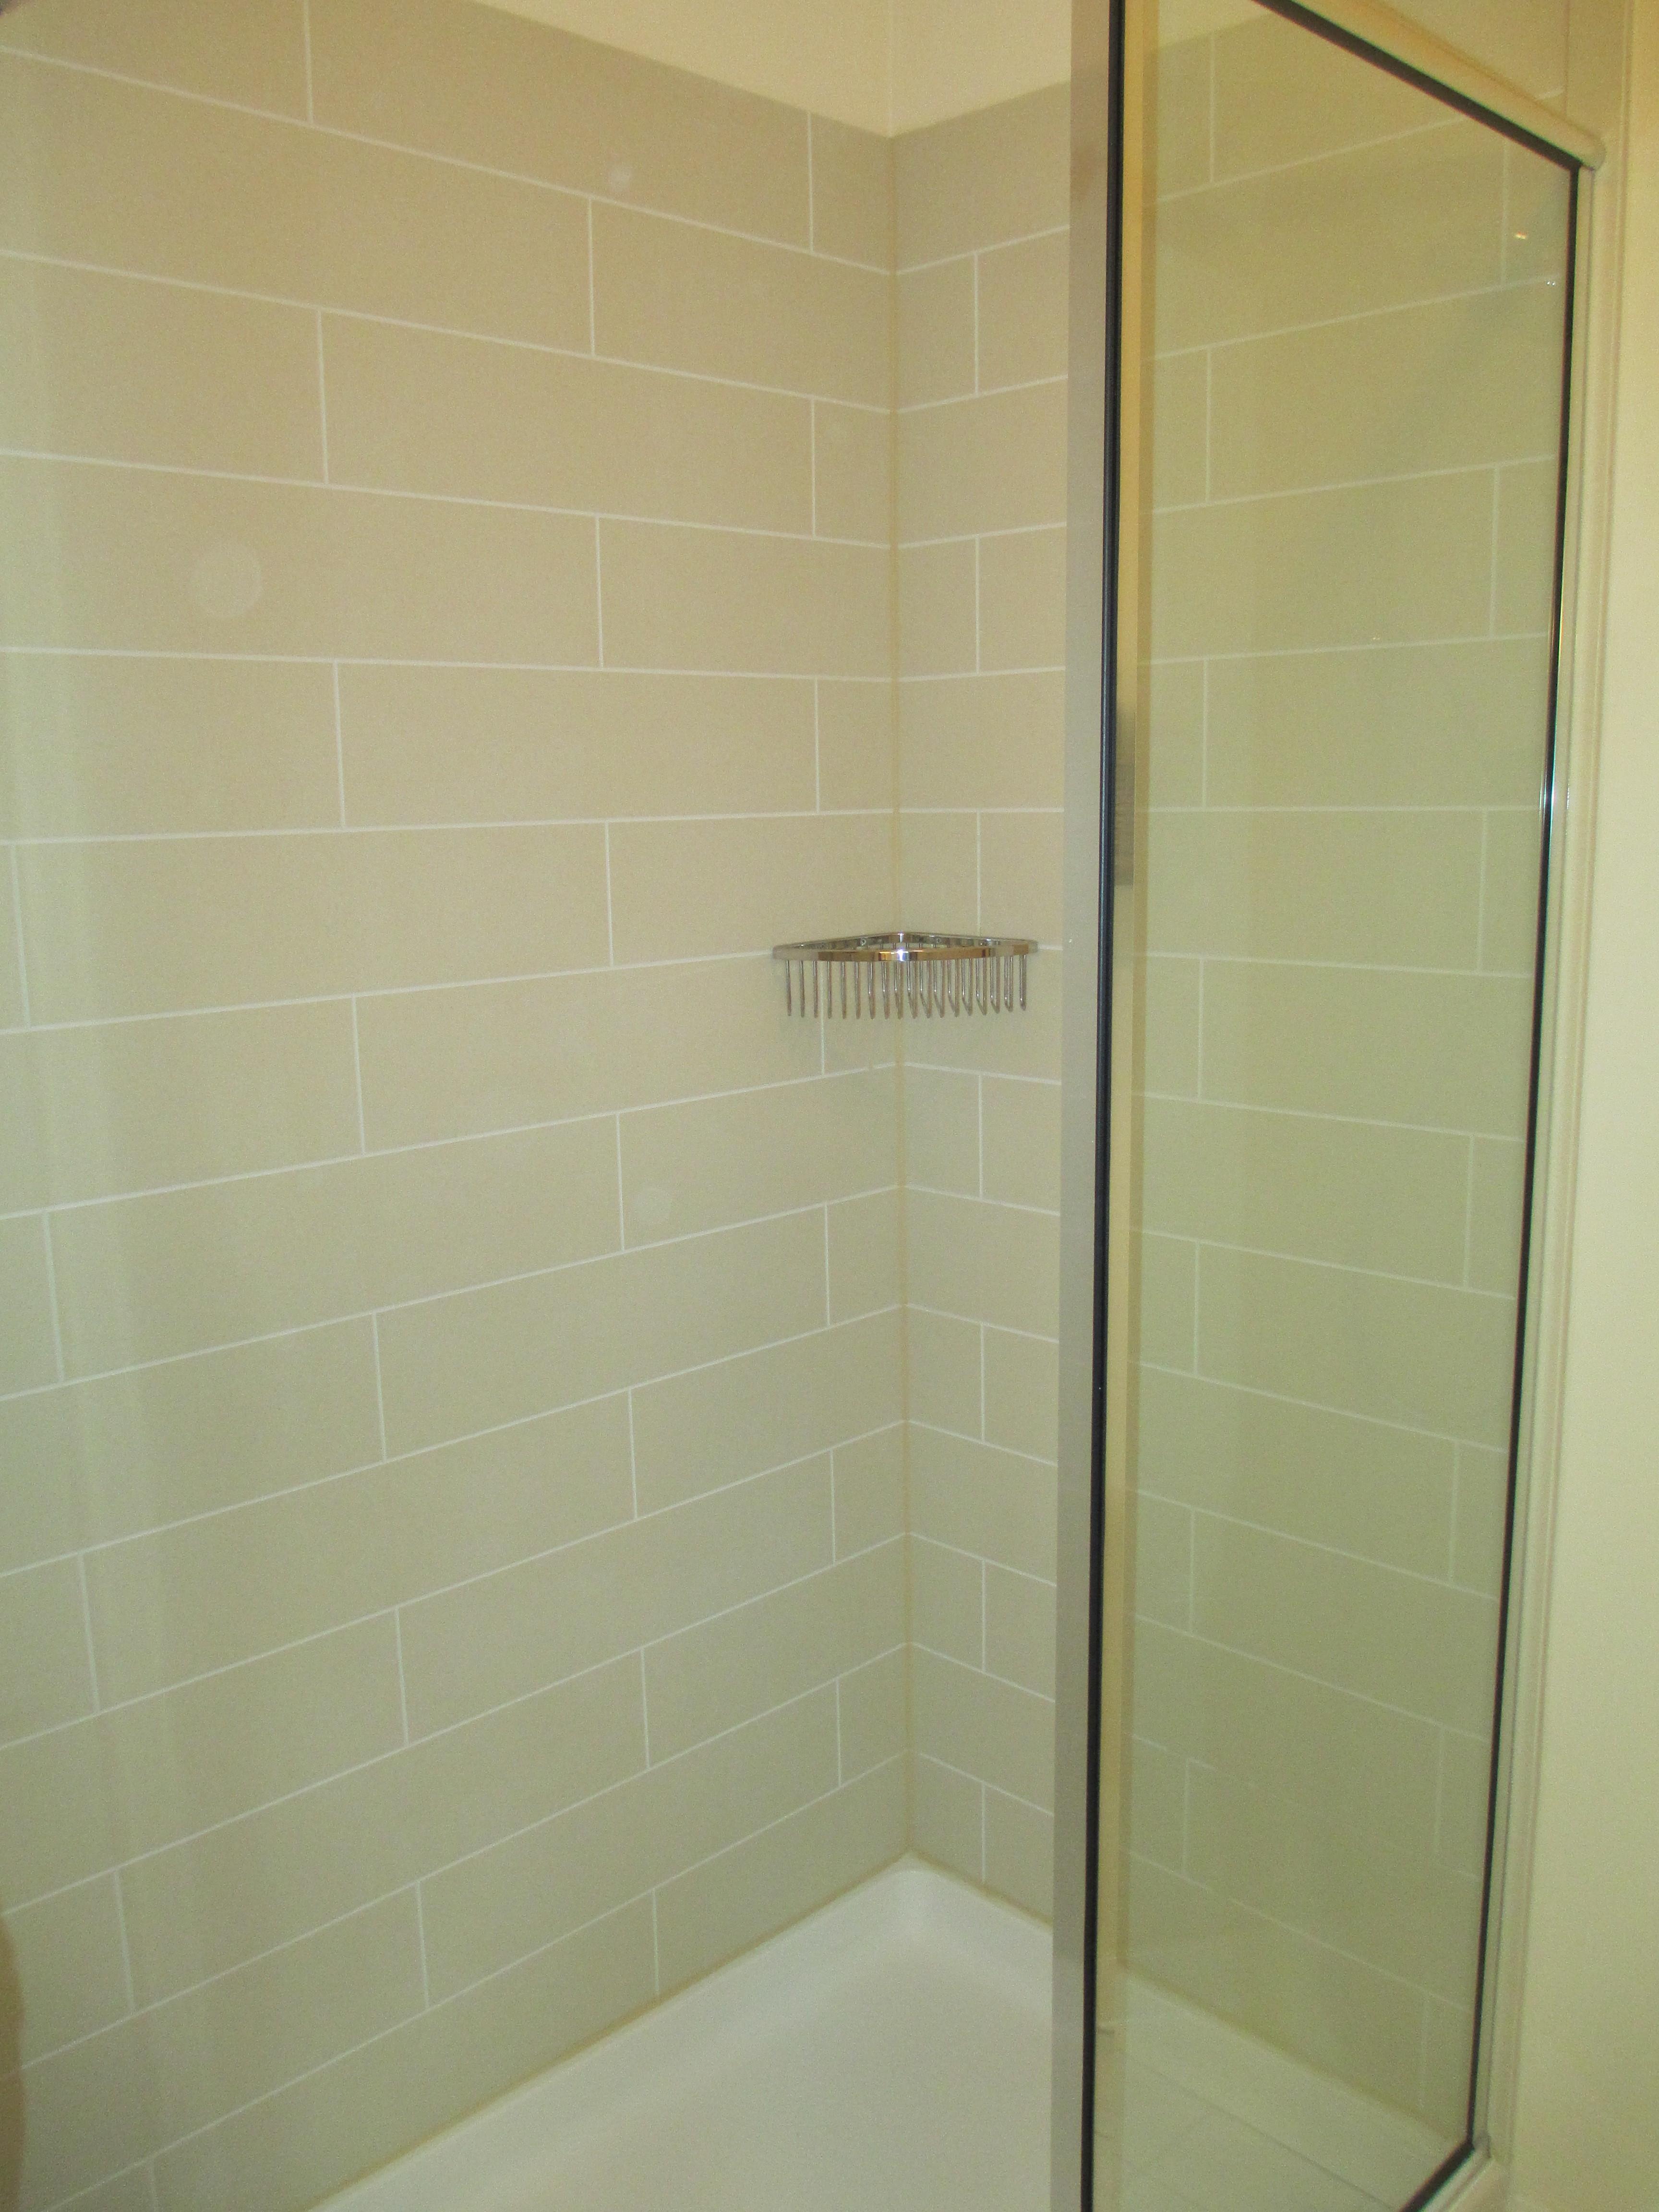 Recent Bathroom Remodeling Work  Bathroom Remodeling